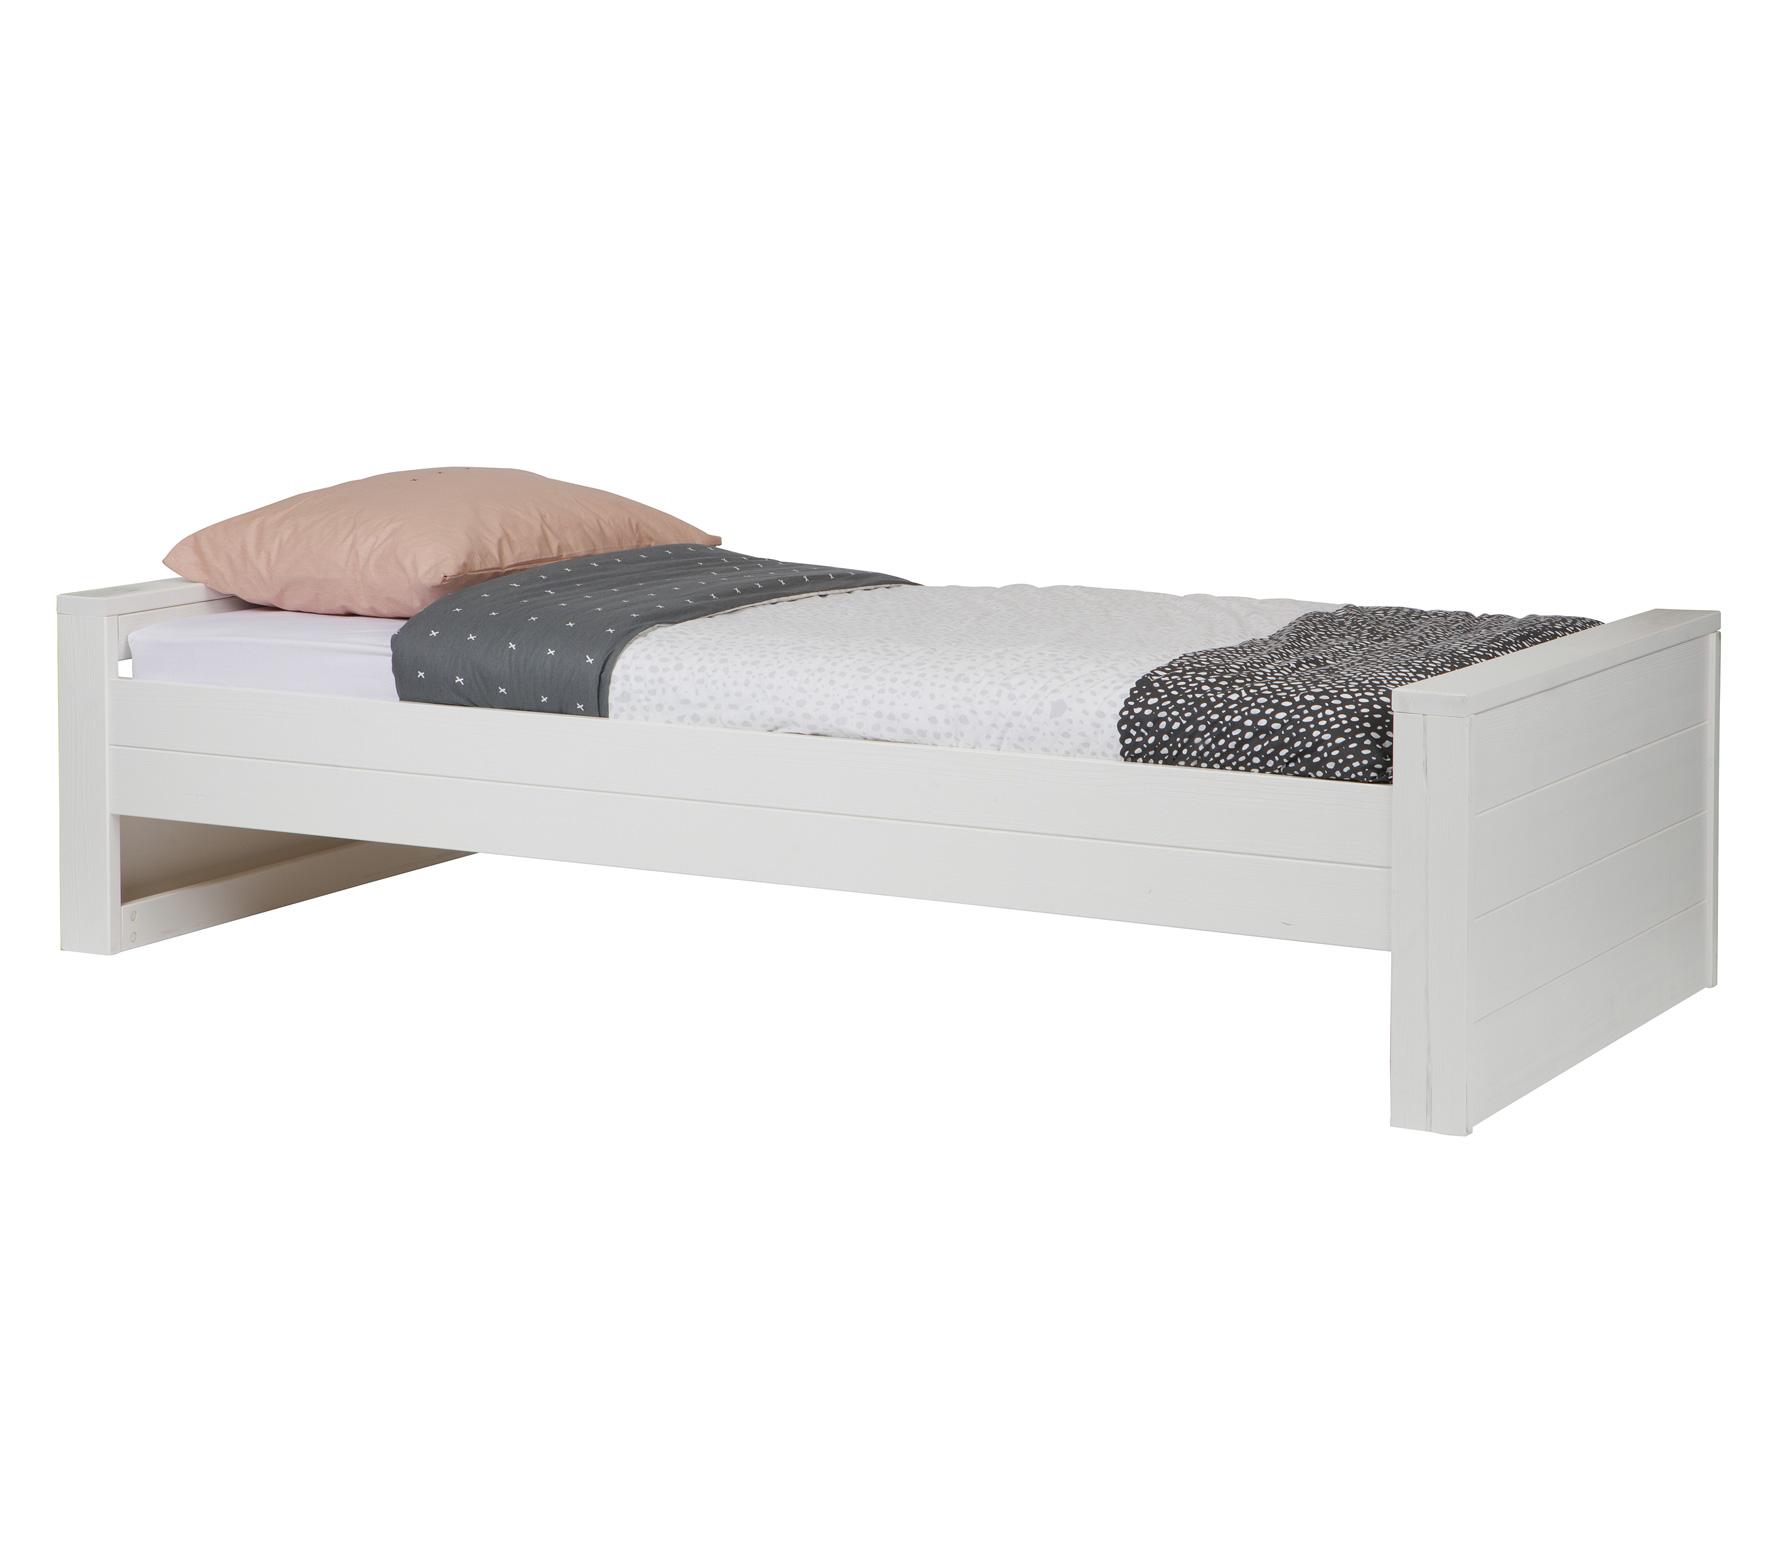 WOOOD Robin bed 90x200 cm wit geborsteld grenen exc.l lade